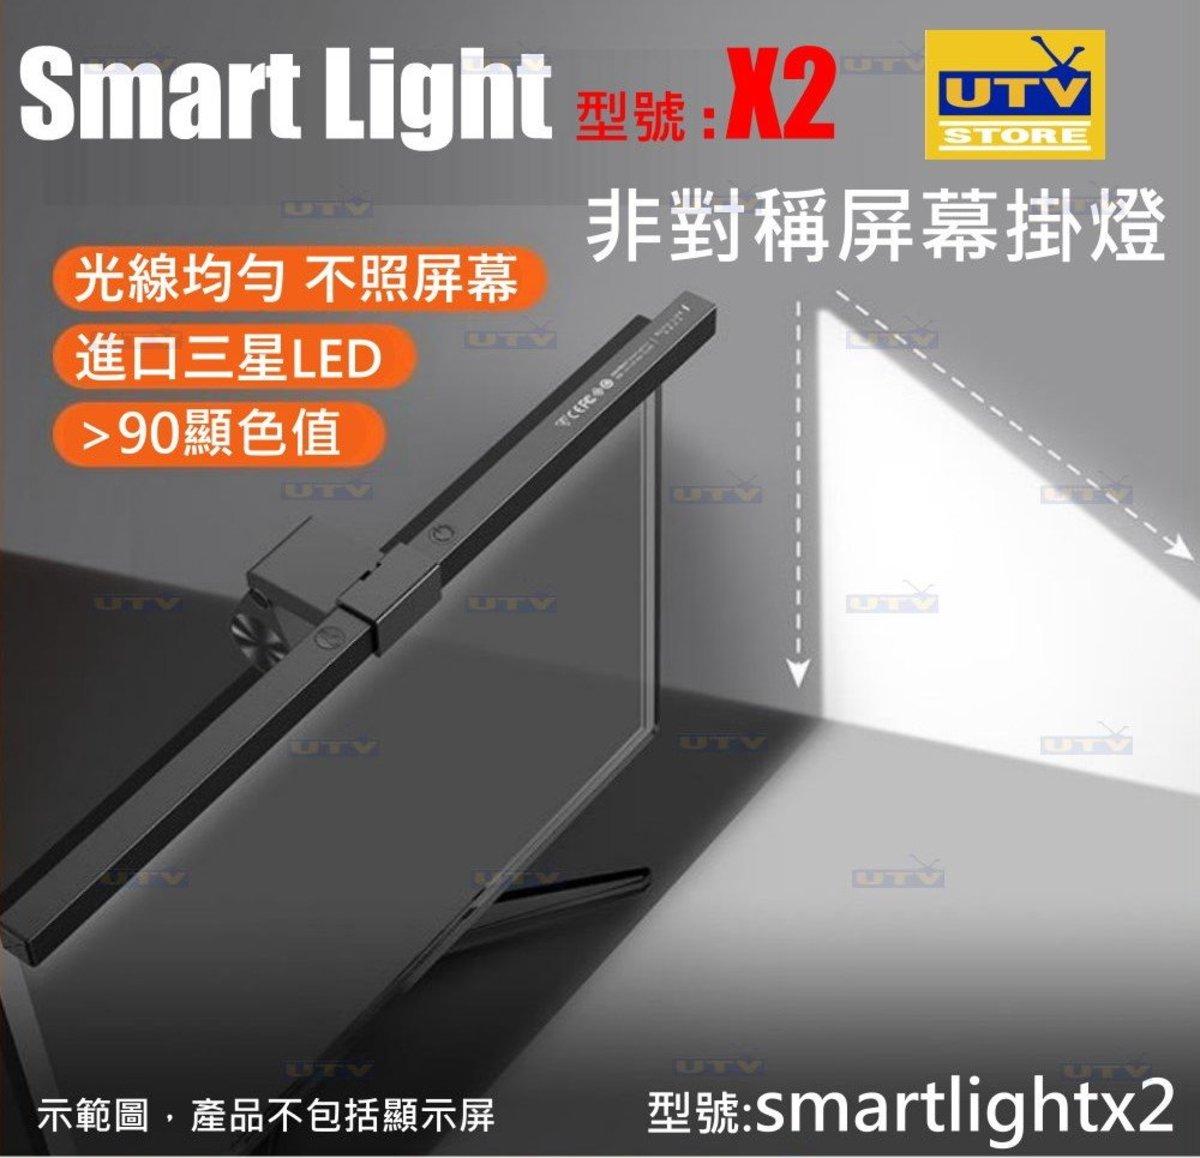 Smart Light 非對稱屏幕掛燈 型號:X2